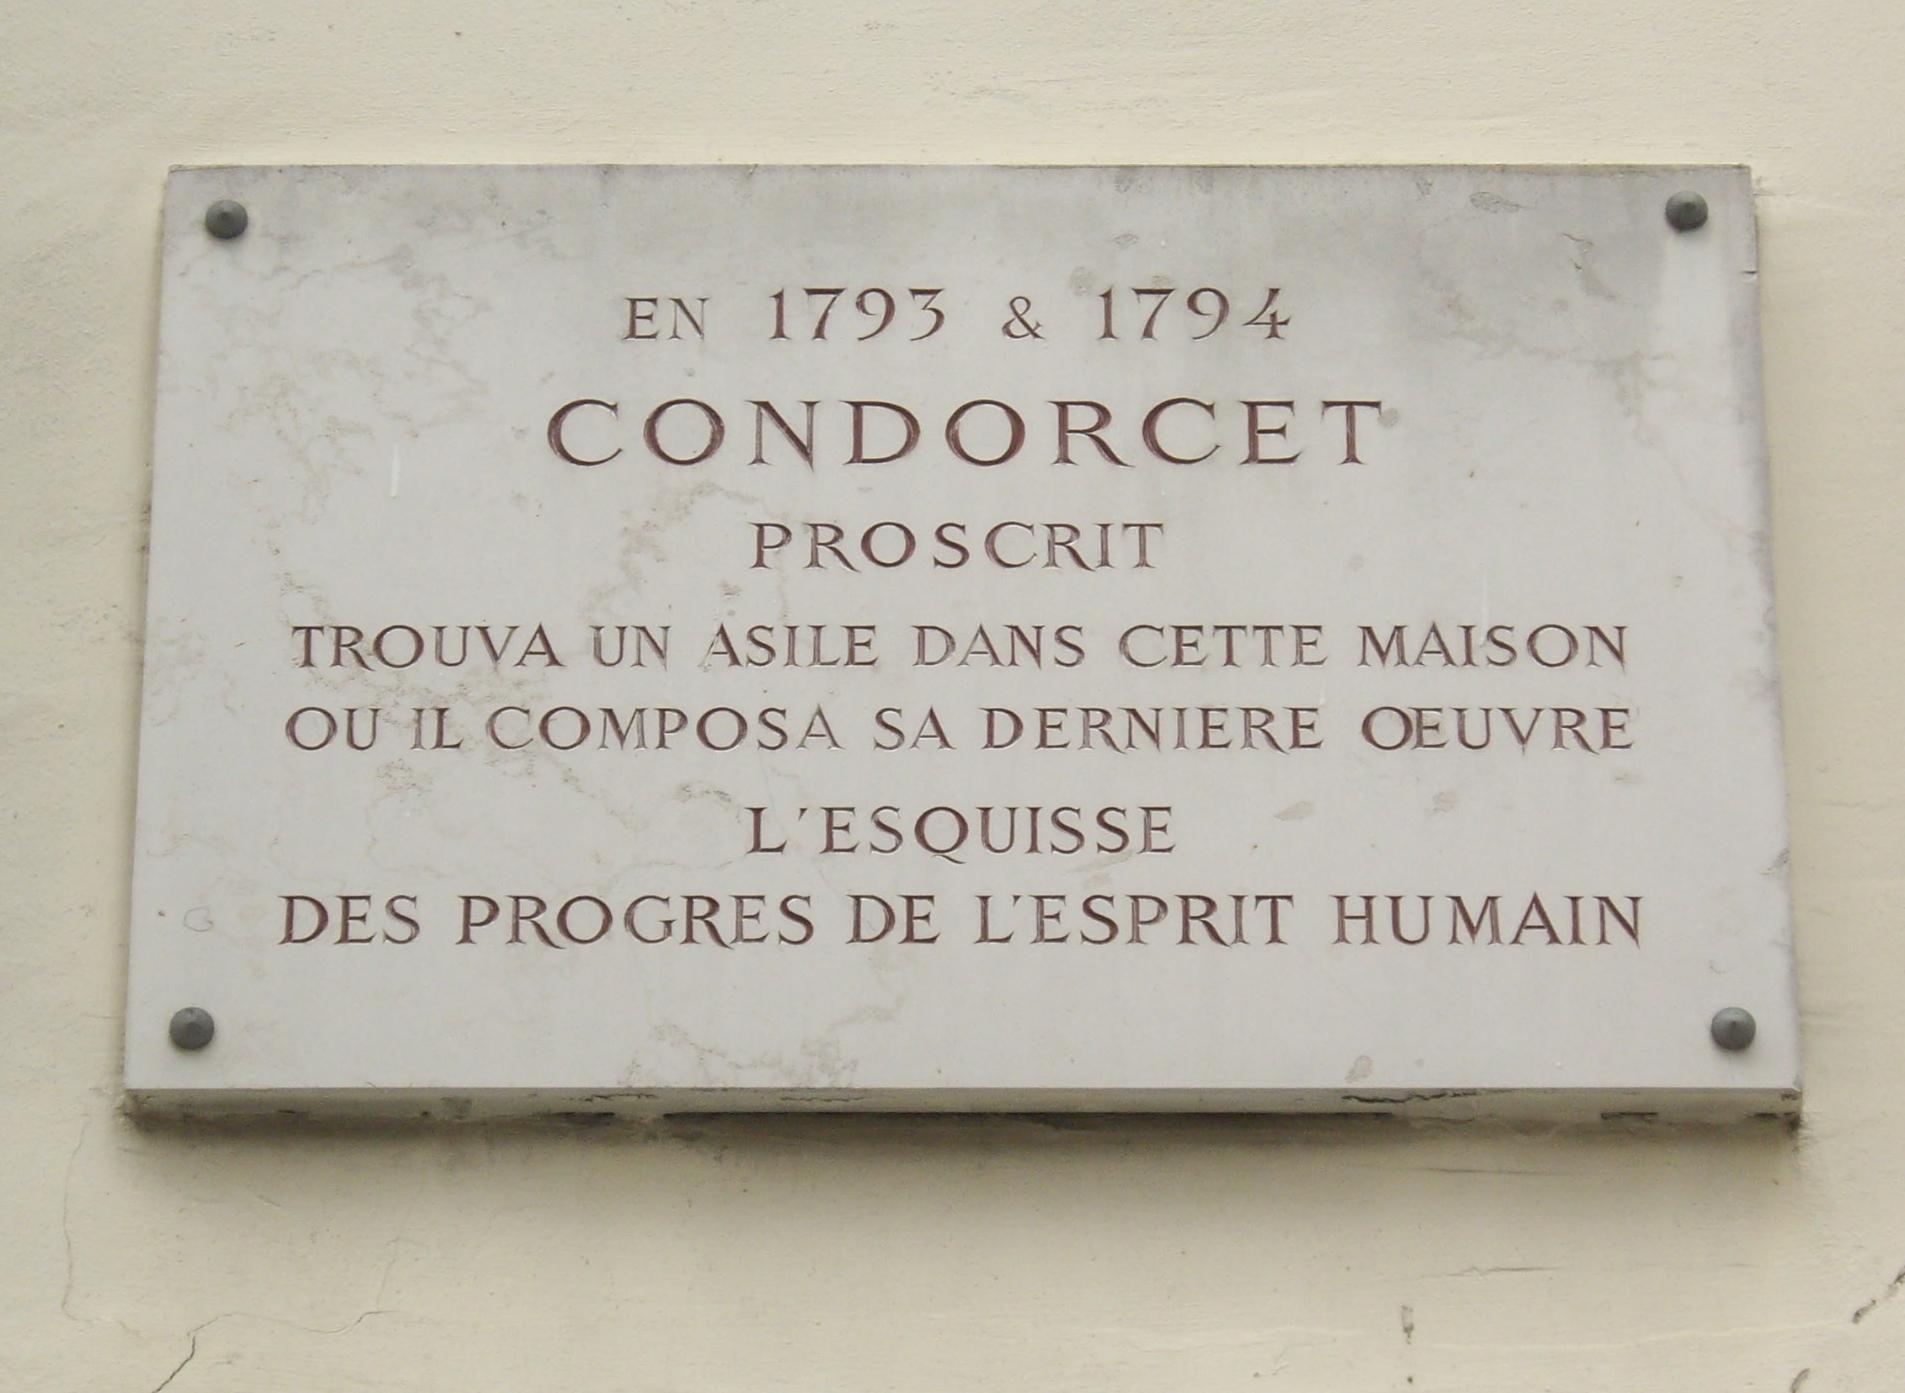 Placa conmemorativa en París en la vivienda de Nicolas de Condorcet.